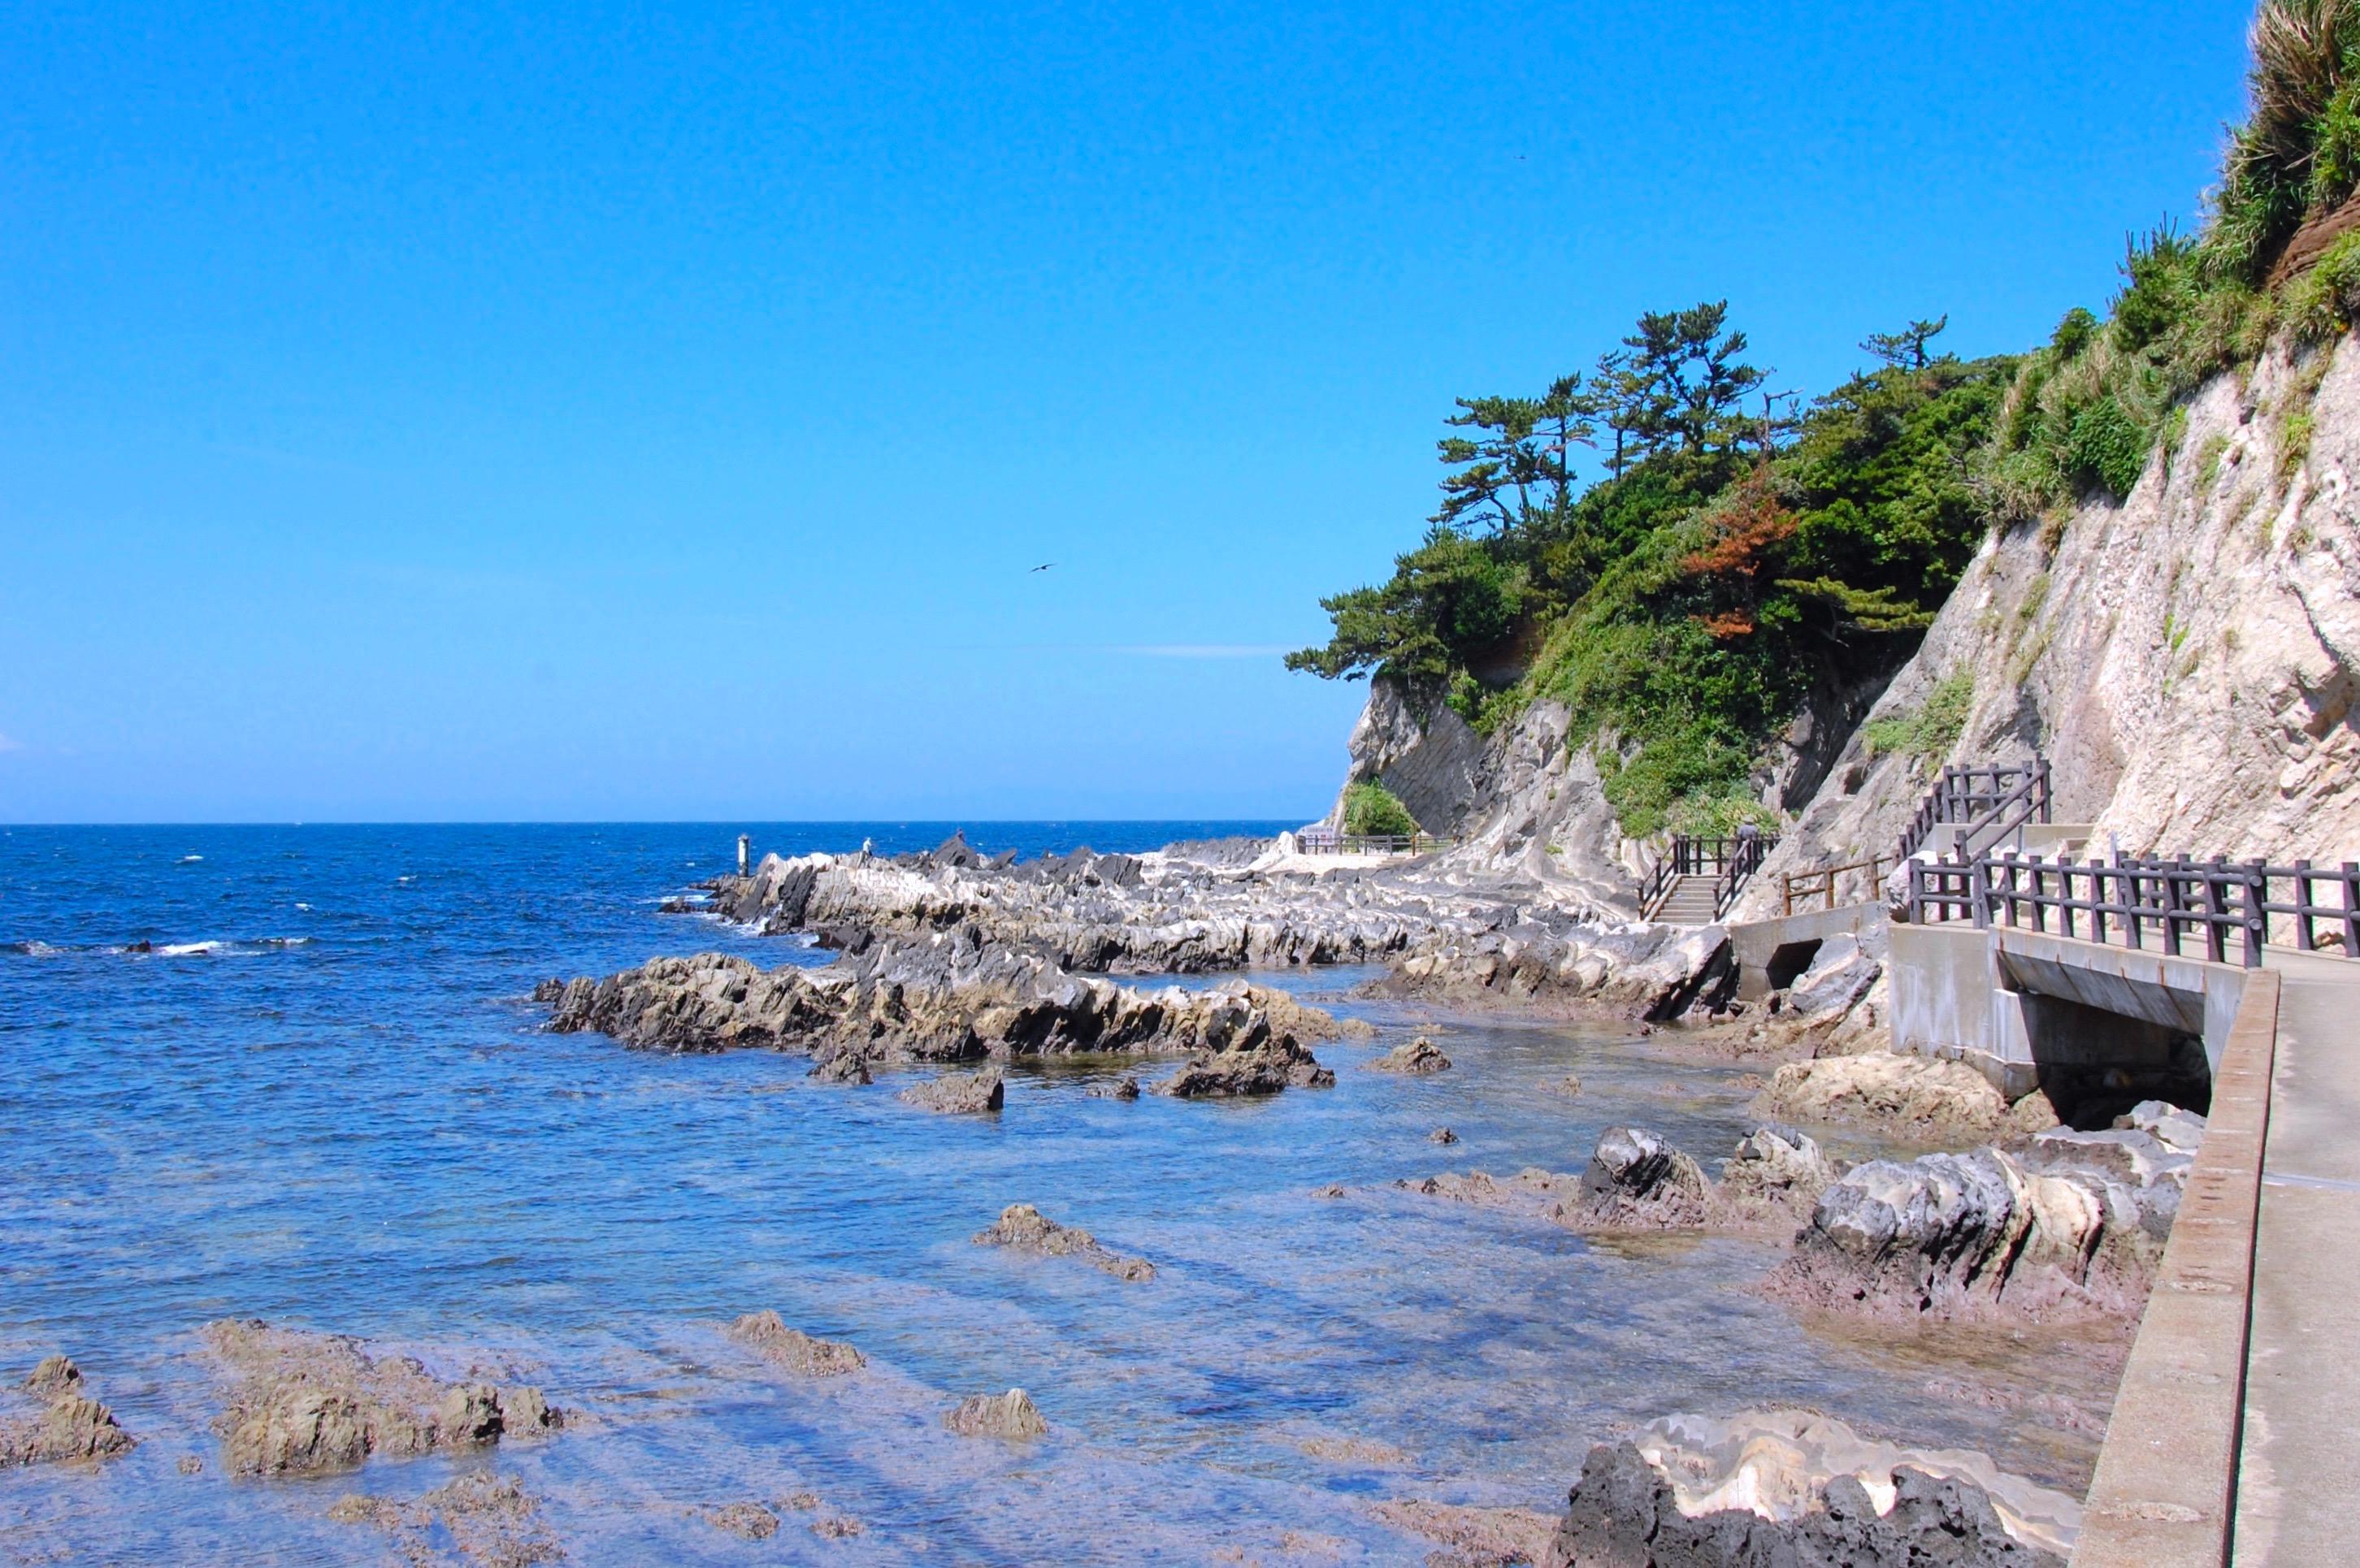 荒崎海岸(荒崎シーサイドハイキングコース)